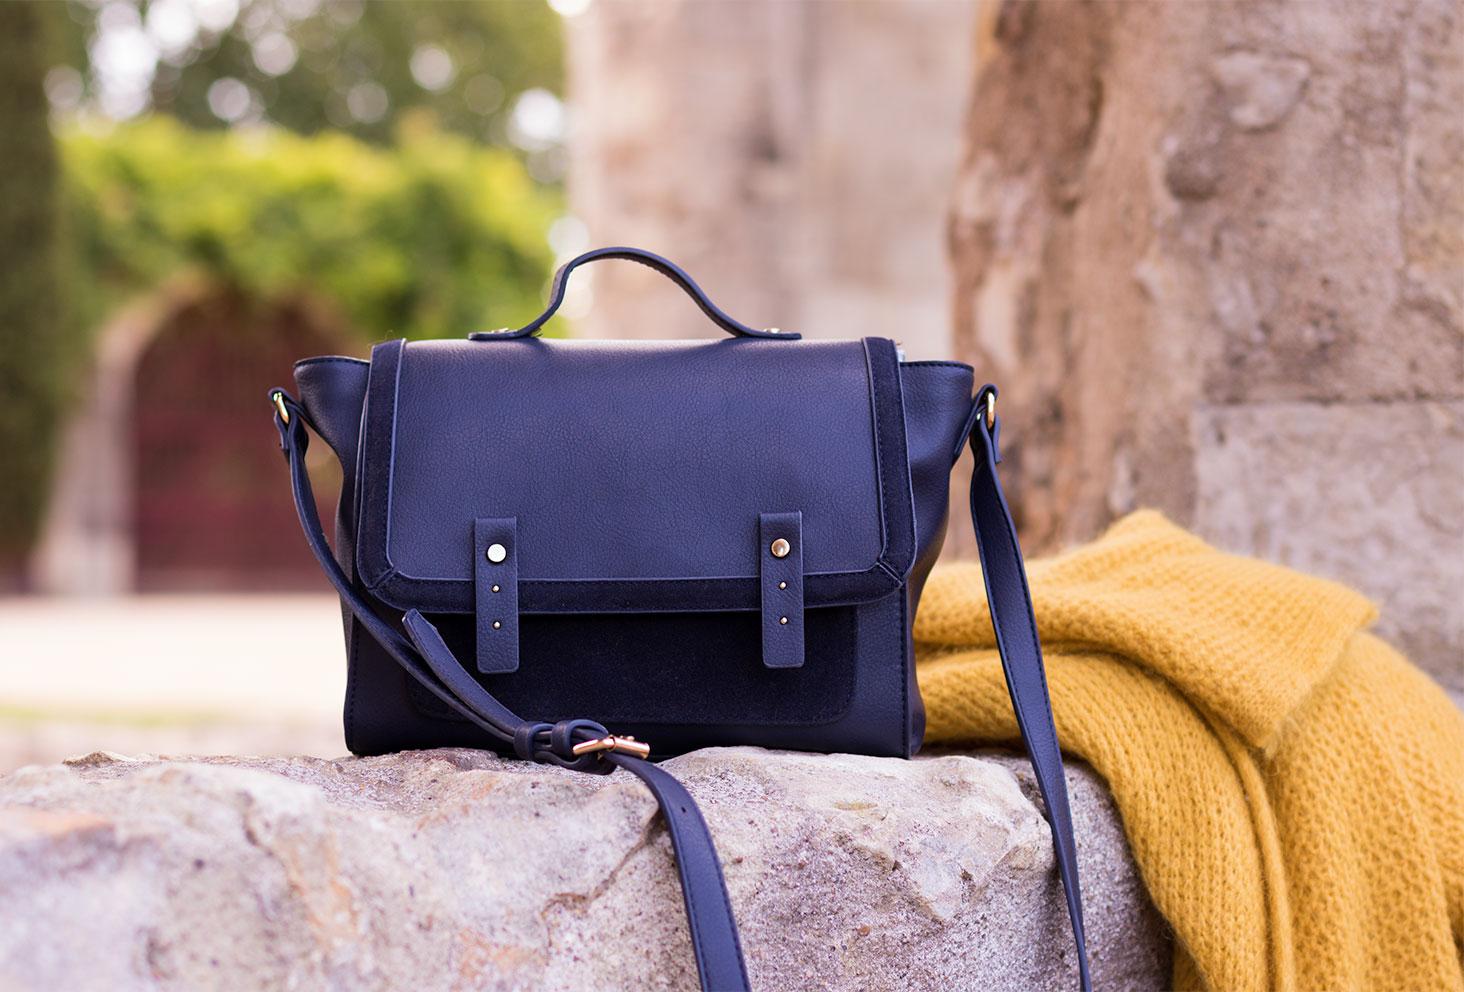 Zoom sur le sac en bandoulière en forme de cartable posé sur un mur en pierre à côté du gilet jaune en laine